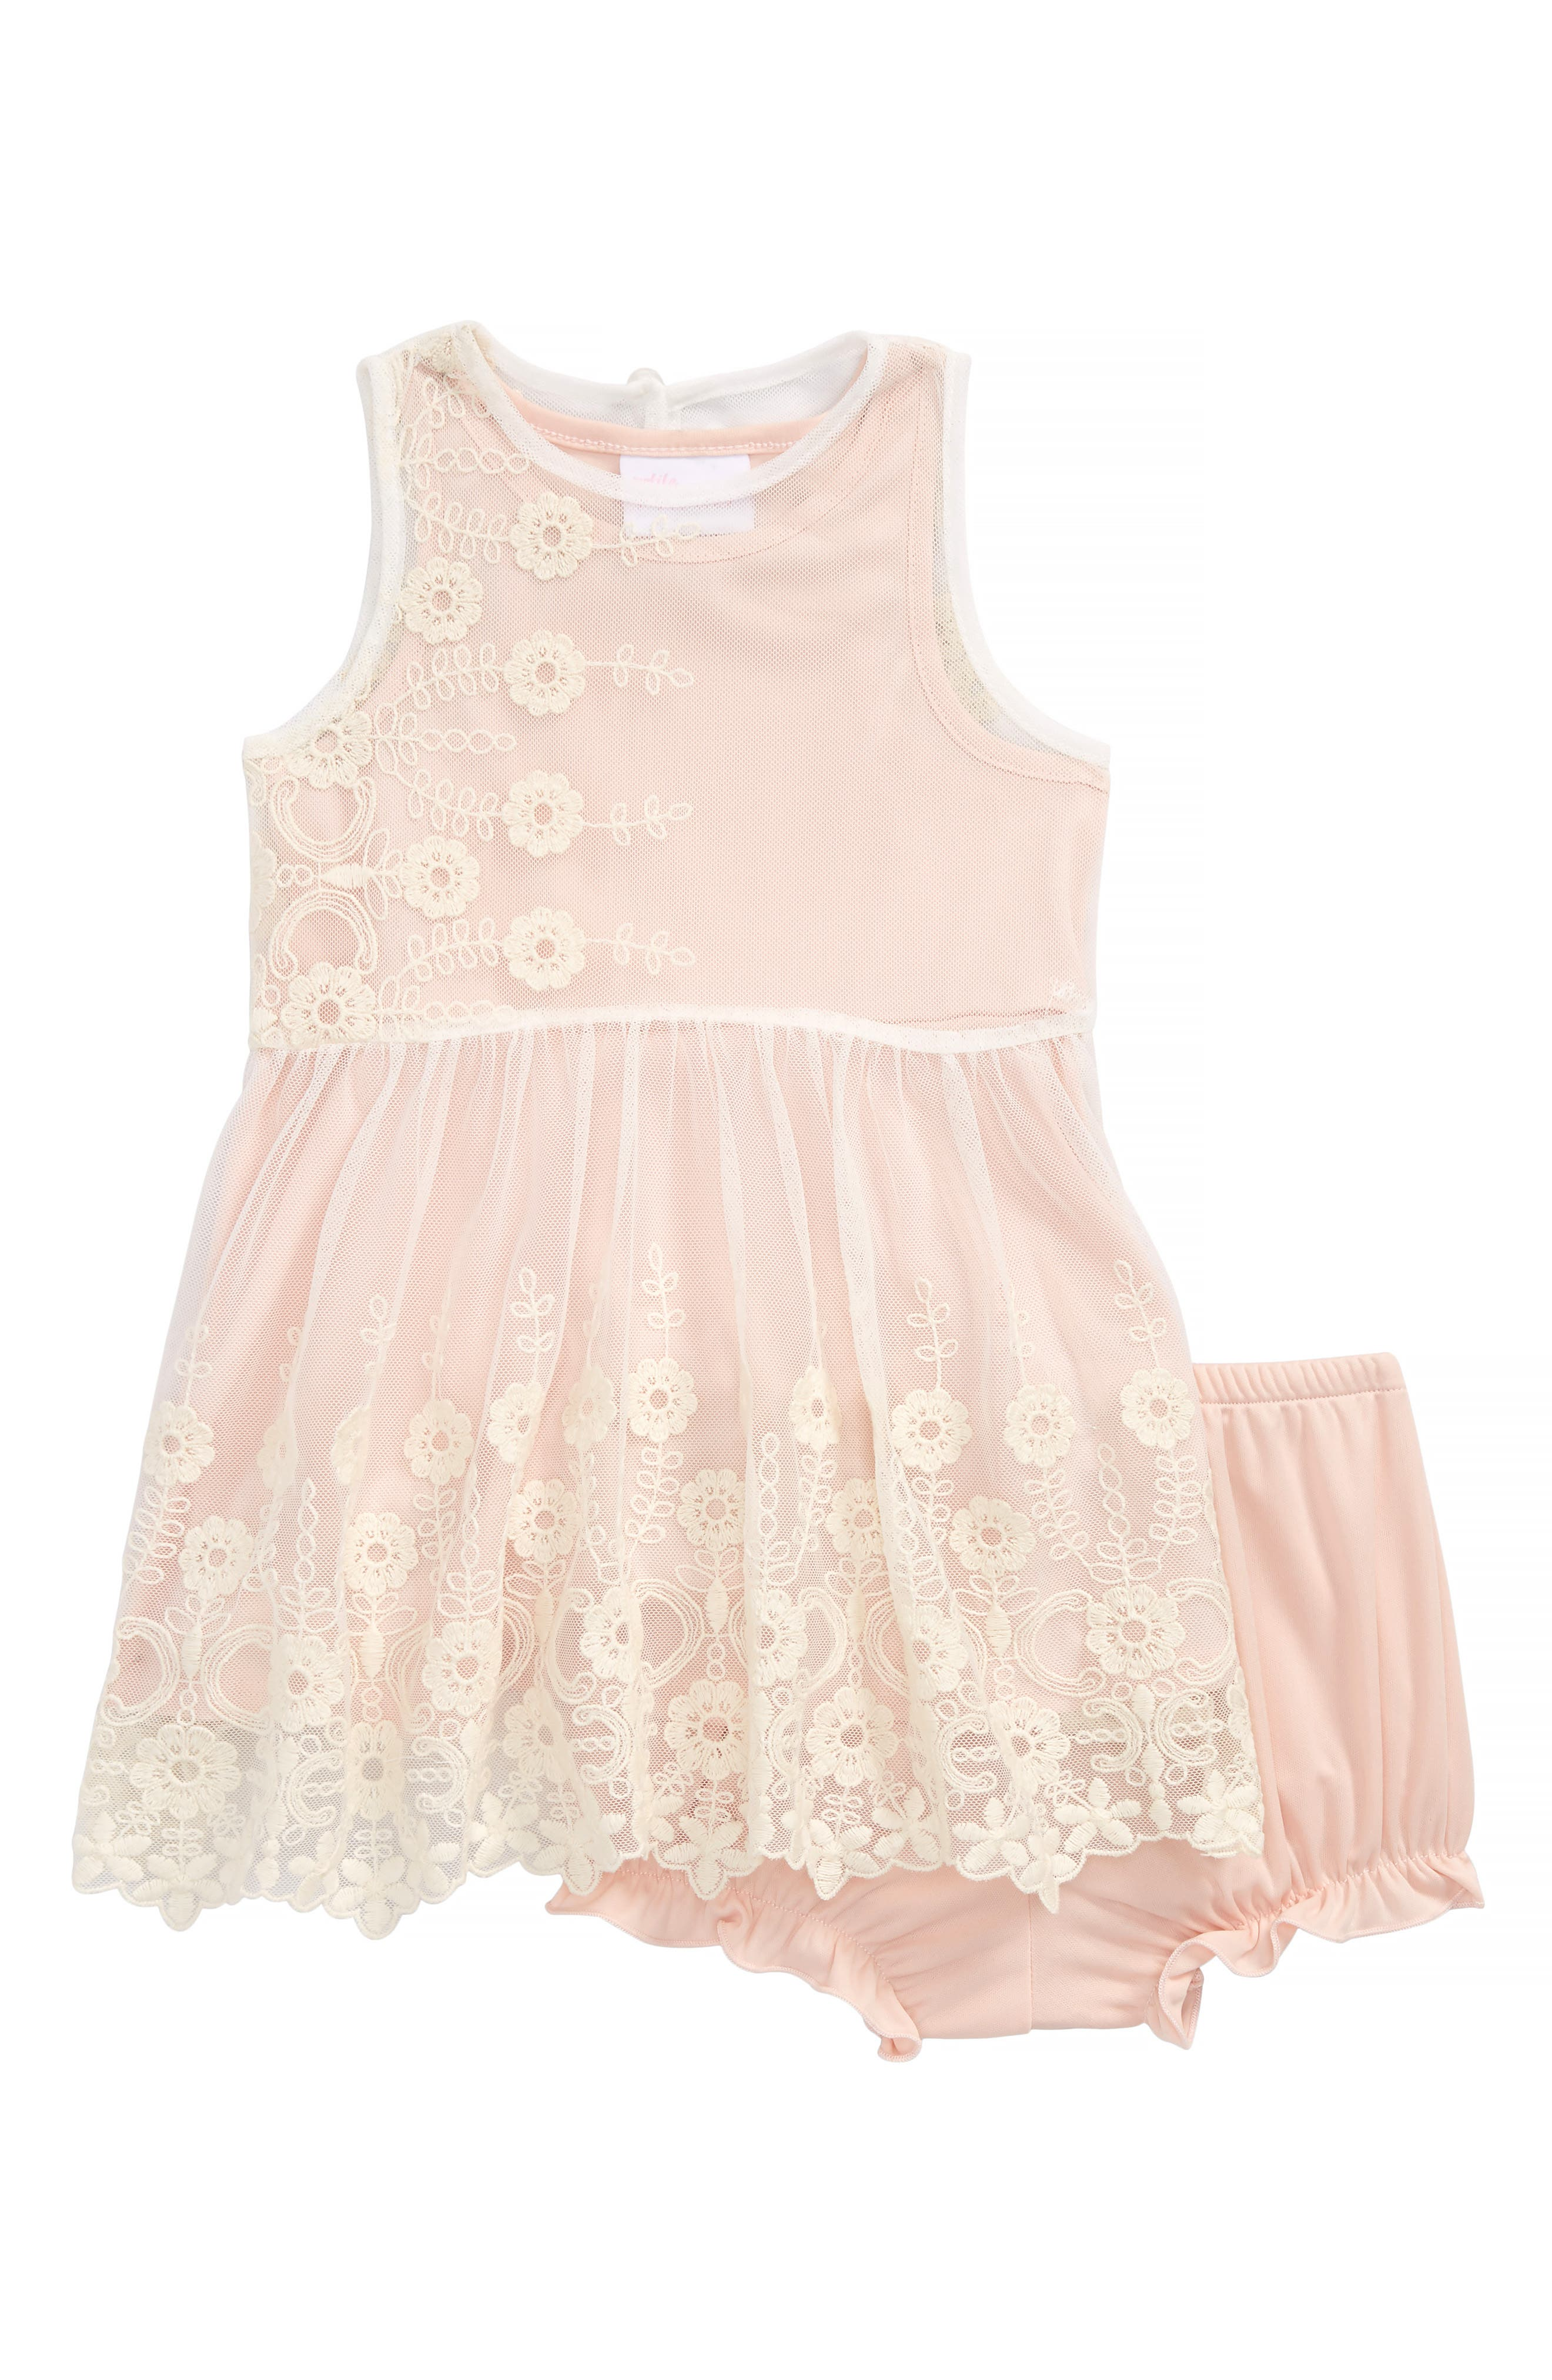 Frais Flower Embroidered Sleeveless Dress (Baby Girls)